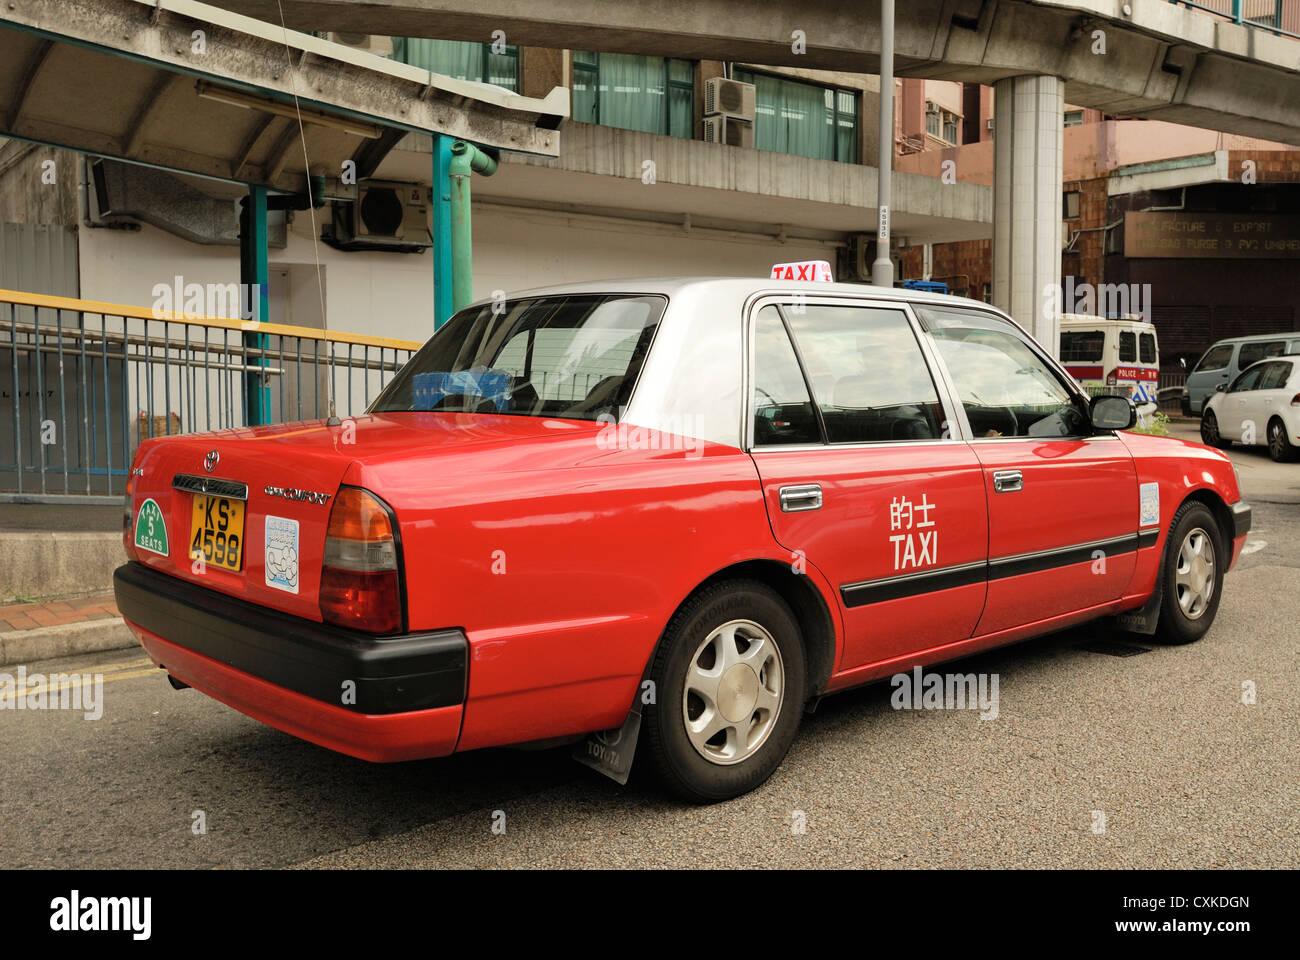 Red Hong Kong taxi HKSAR. - Stock Image